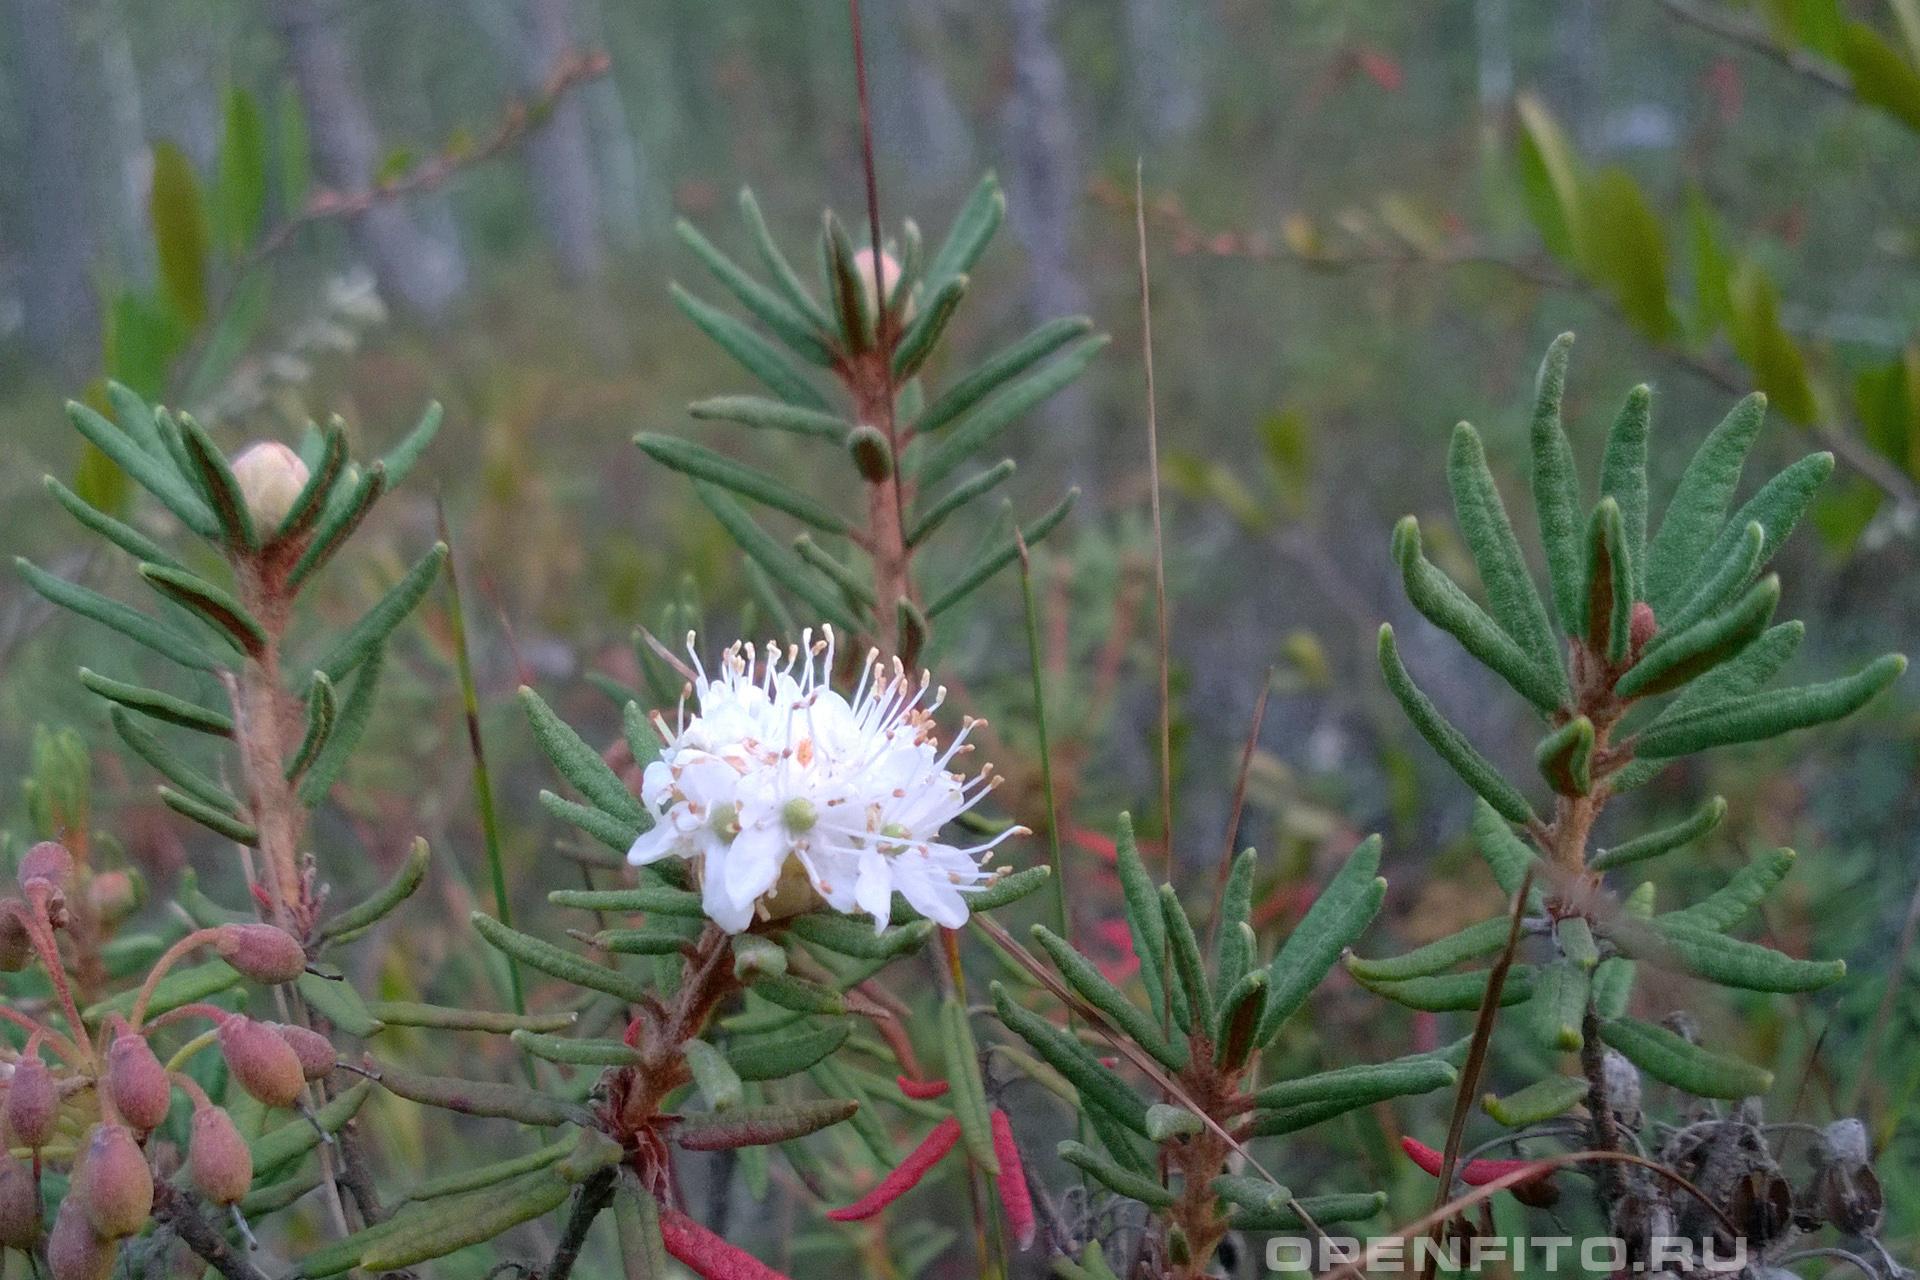 Багульник болотный Лекарственное растение произрастающее на болотах